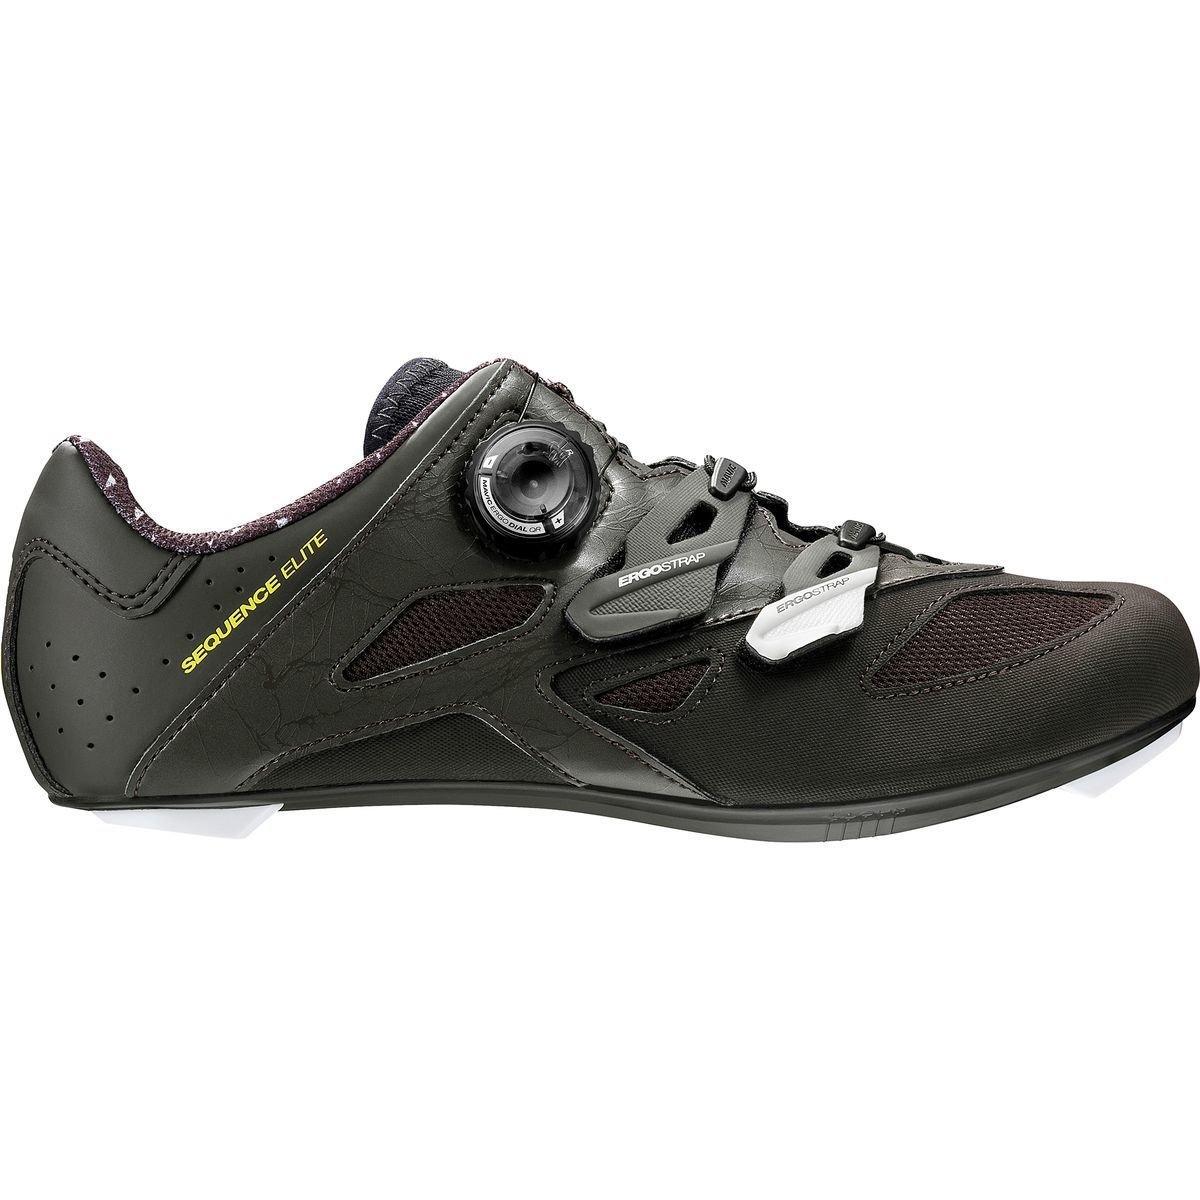 【美品】 MavicシーケンスElite Cycling Shoe – – B01LWOUURU Women After 's 9 B(M) US After Dark/Black B01LWOUURU, 東村山市:5a1afb82 --- efichas.com.br